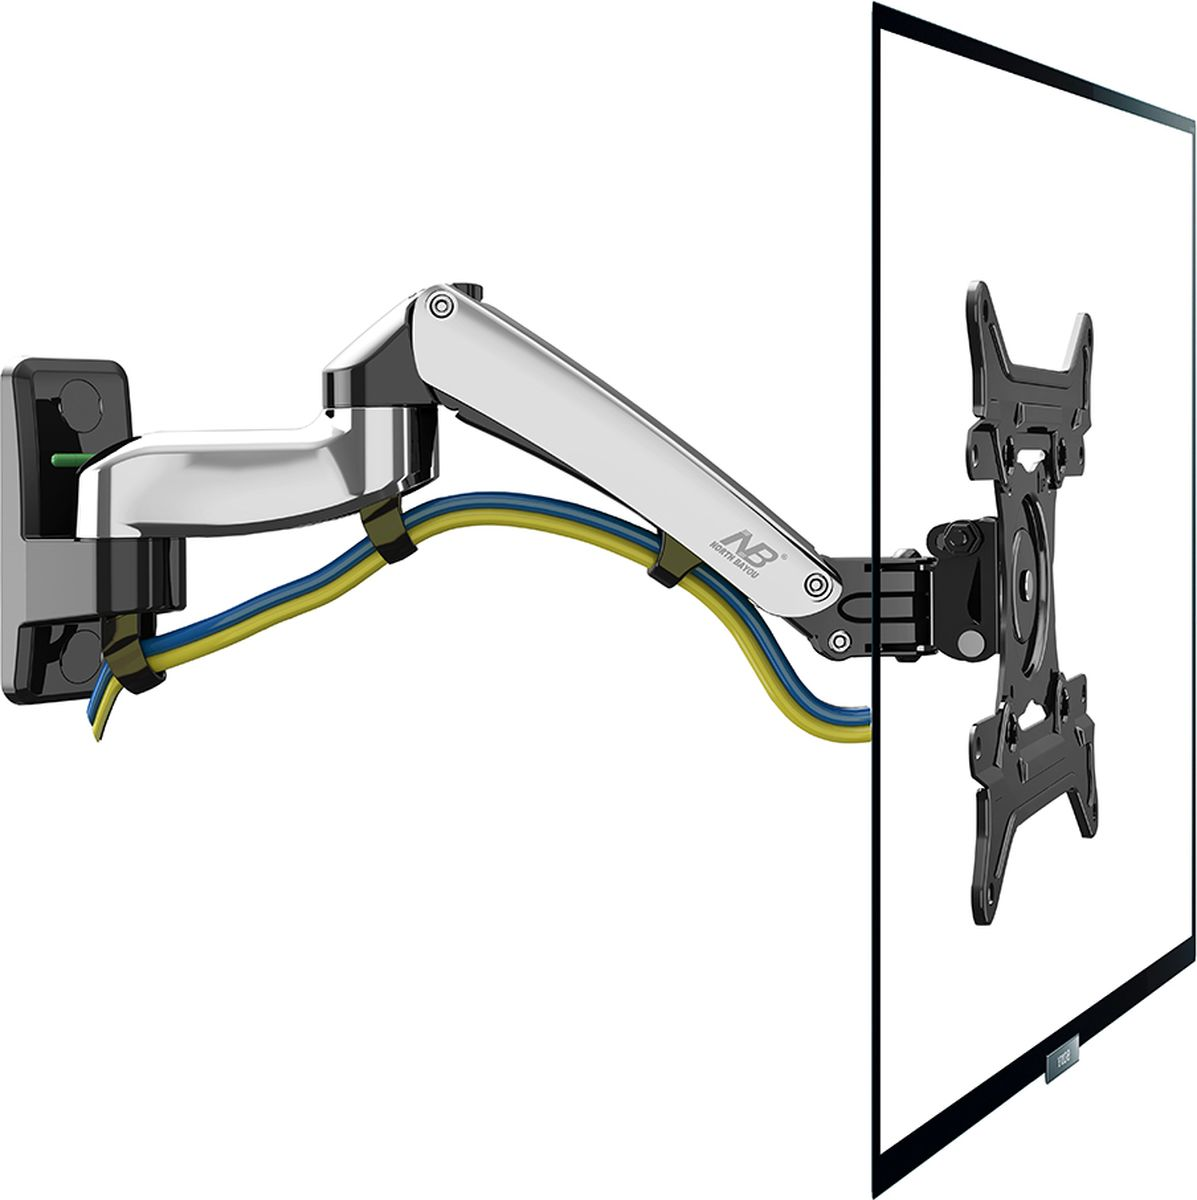 North Bayou NB F300, Chrome кронштейнNB F300 хромированныйНастенный наклонно-поворотный кронштейн с регулировкой по высоте North Bayou NB F300 подходит для телевизоров с диагональю 30-40 и с весом от 5 до 10 кг. Благодаря встроенной газовой пружине вы можете с лёгкостью перемещать телевизор не только влево и вправо, но и вверх и вниз, при этом не прилагая усилий и не производя дополнительной фиксации. Именно технологии надёжных осевых соединений с газовой пружиной позволят вам отрегулировать положение телевизора для самого комфортного просмотра.